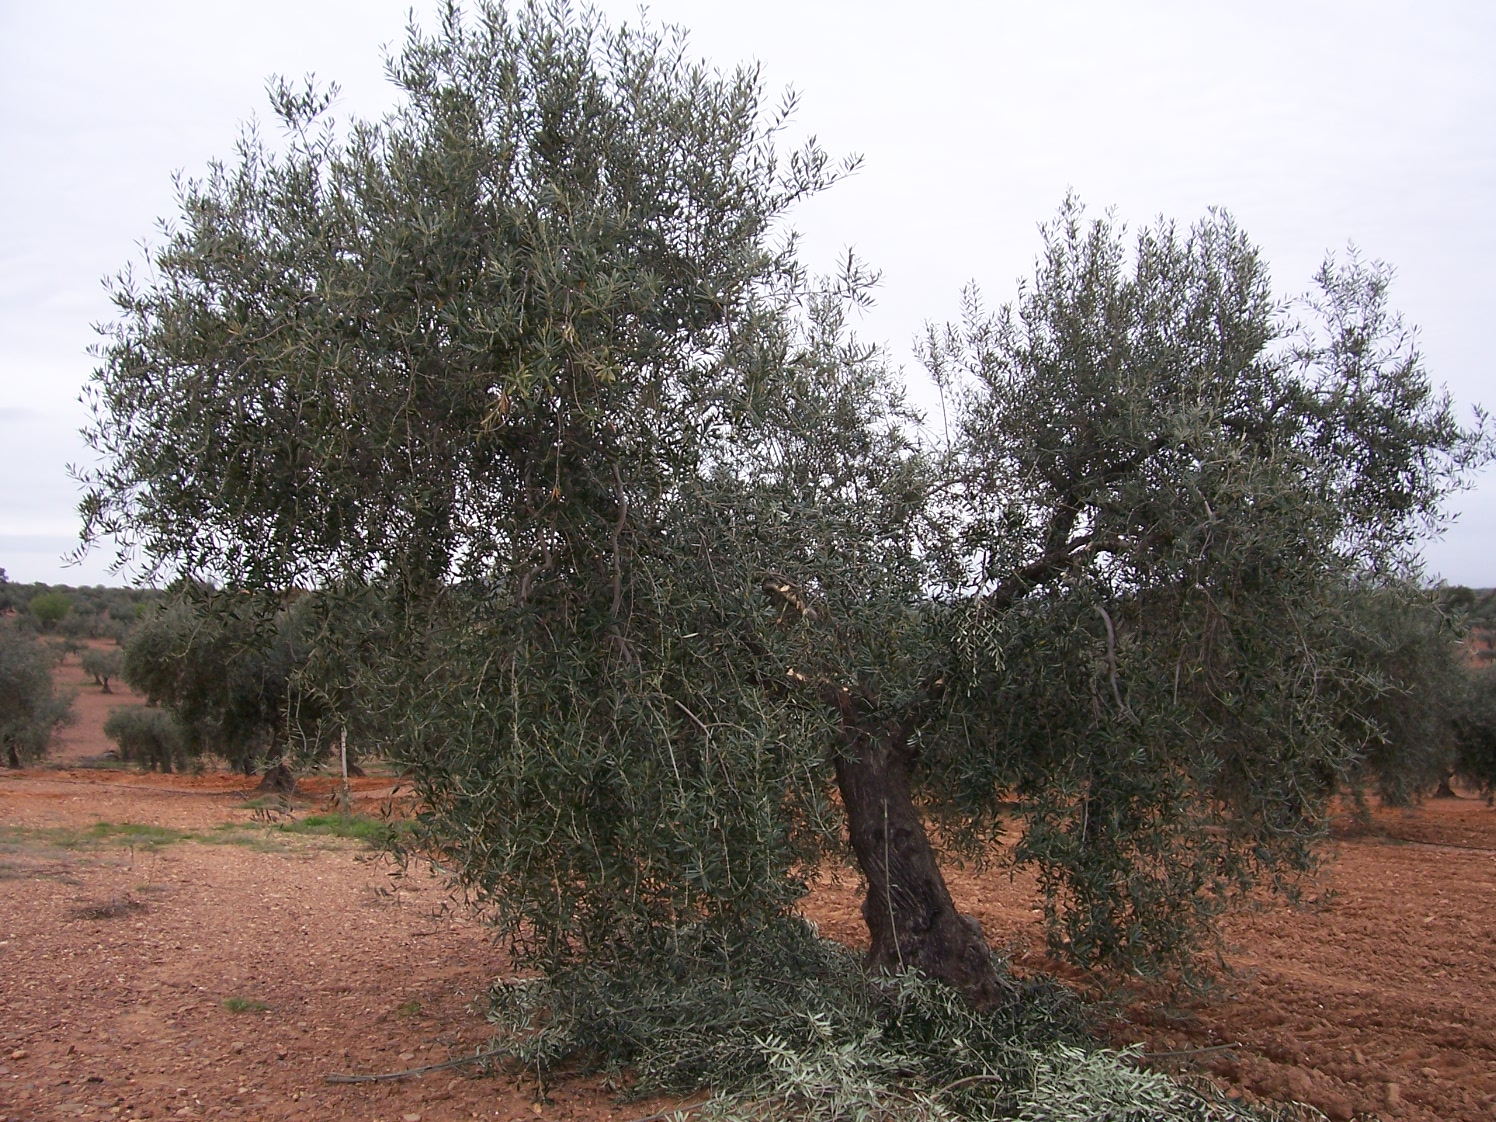 El mundo del olivar extremadura la junta impartir cursos - Poda del cerezo joven ...